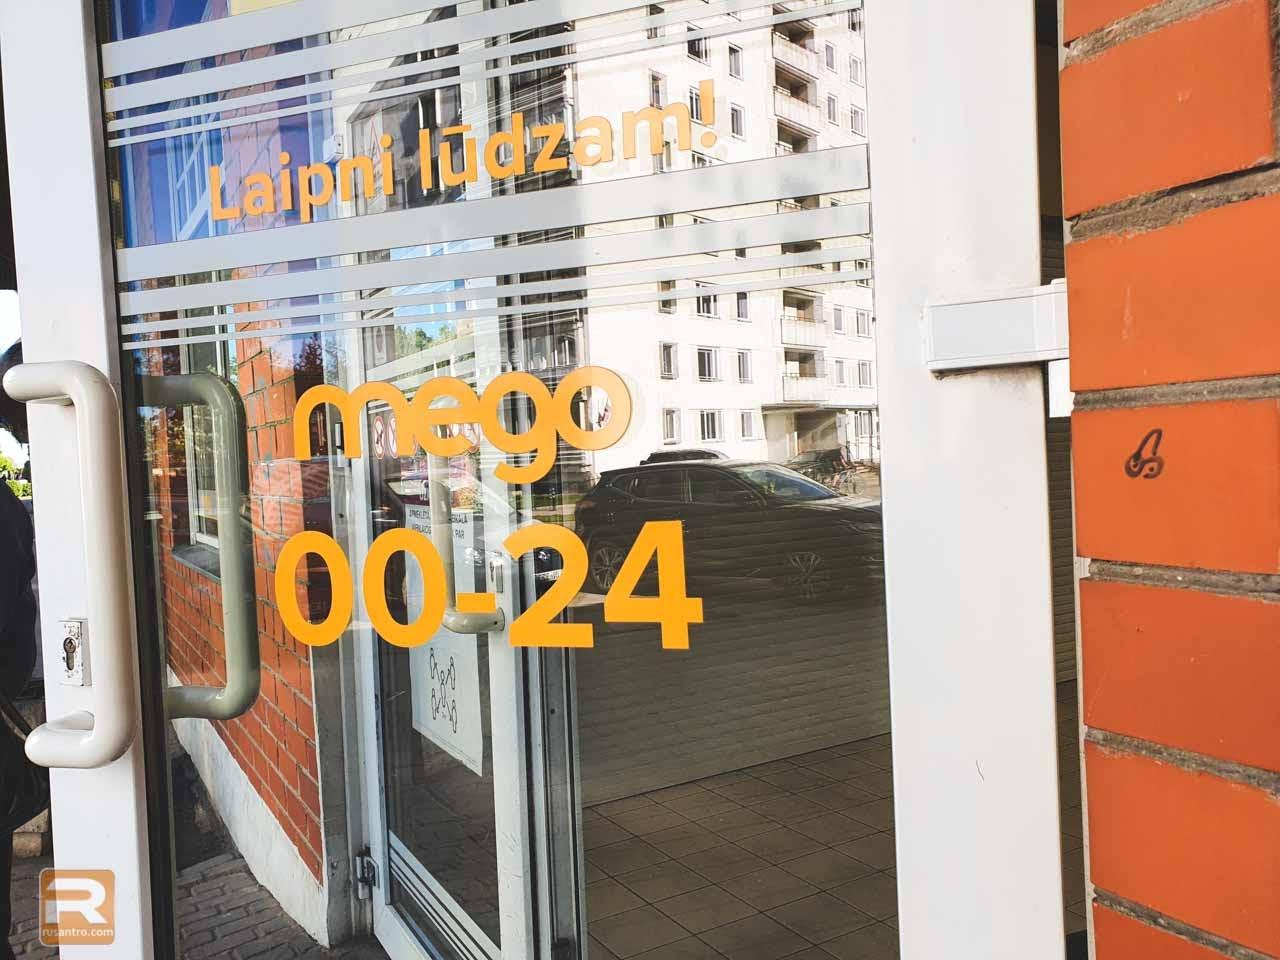 Plastmasa durvis ar uzlīmētiem uzrakstiem uz tā